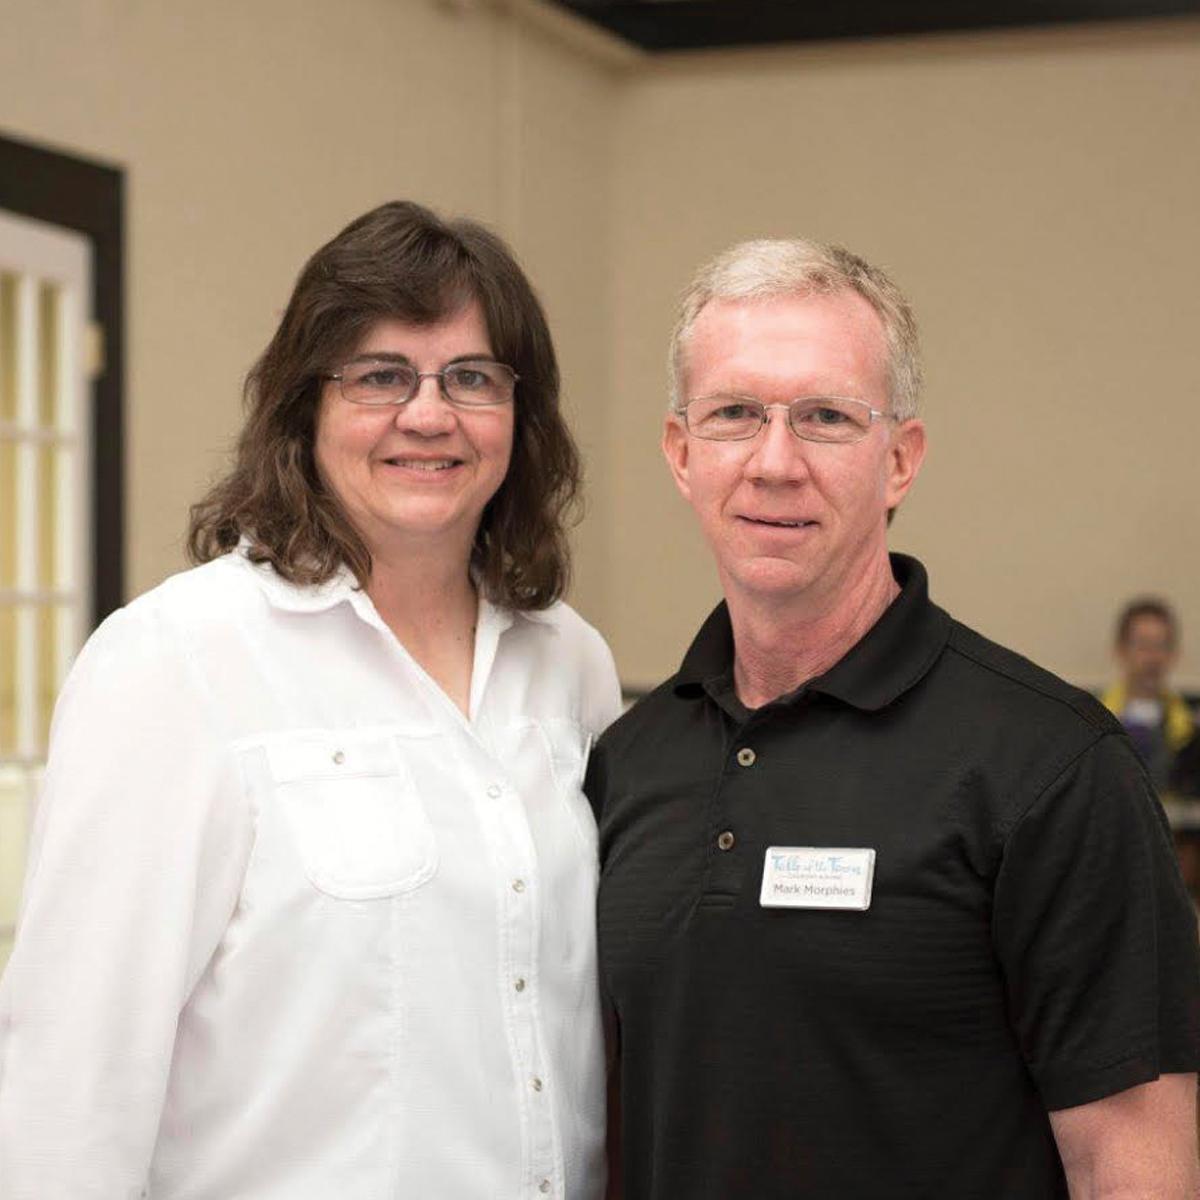 Mark and Lisa Morphies